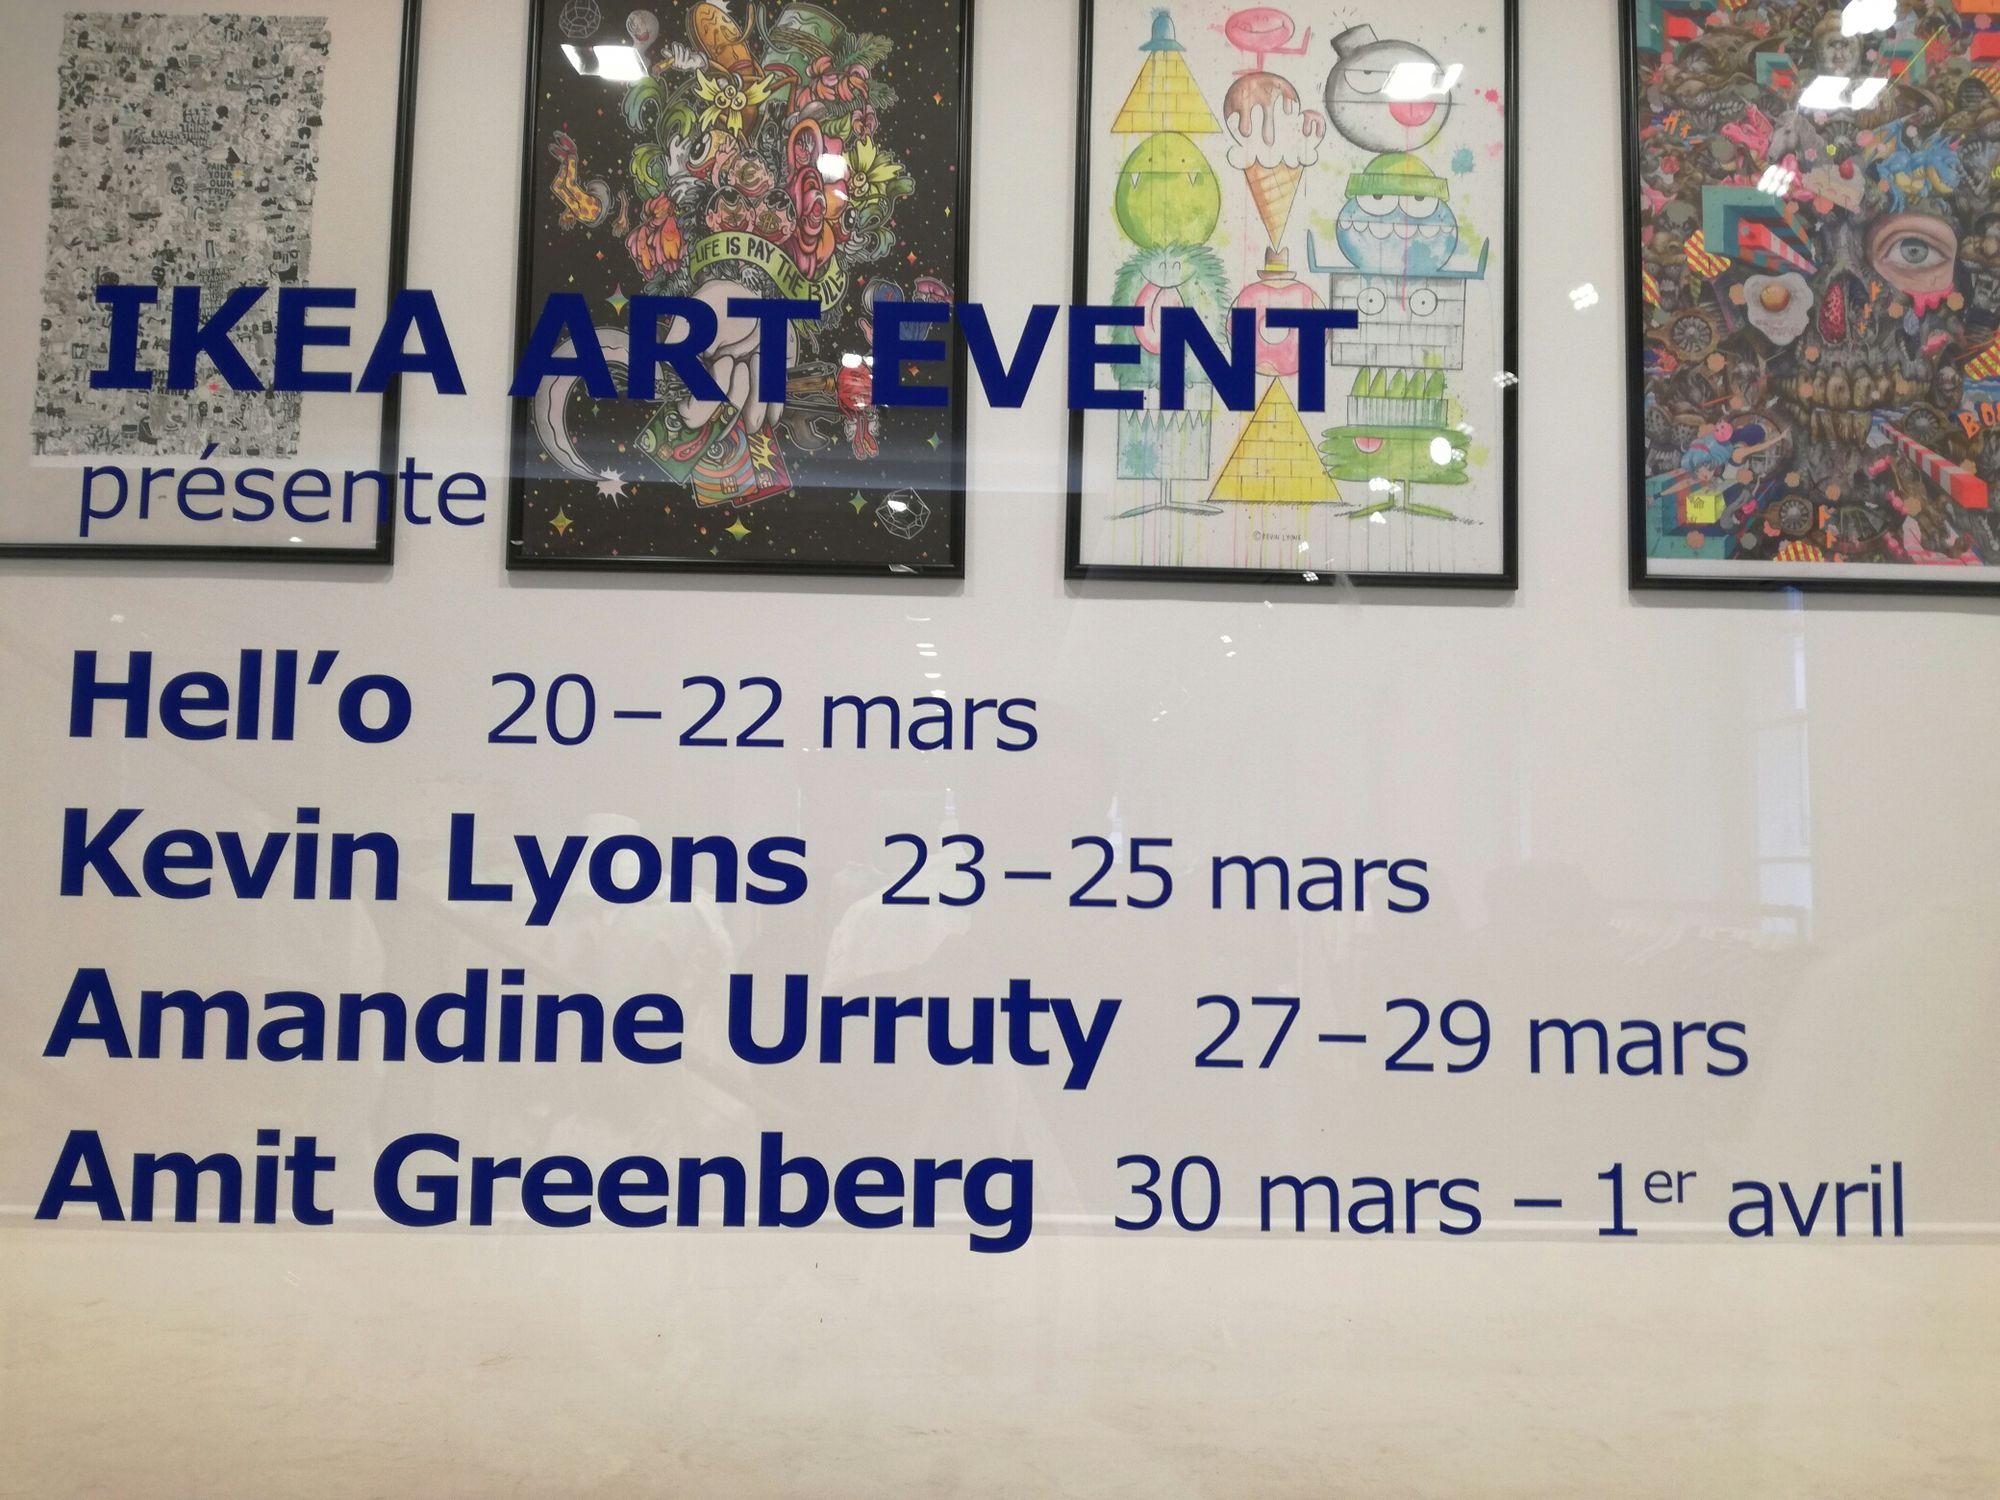 IKEA & COLETTE ART EVENT 2017 -  Hej, Hell'o